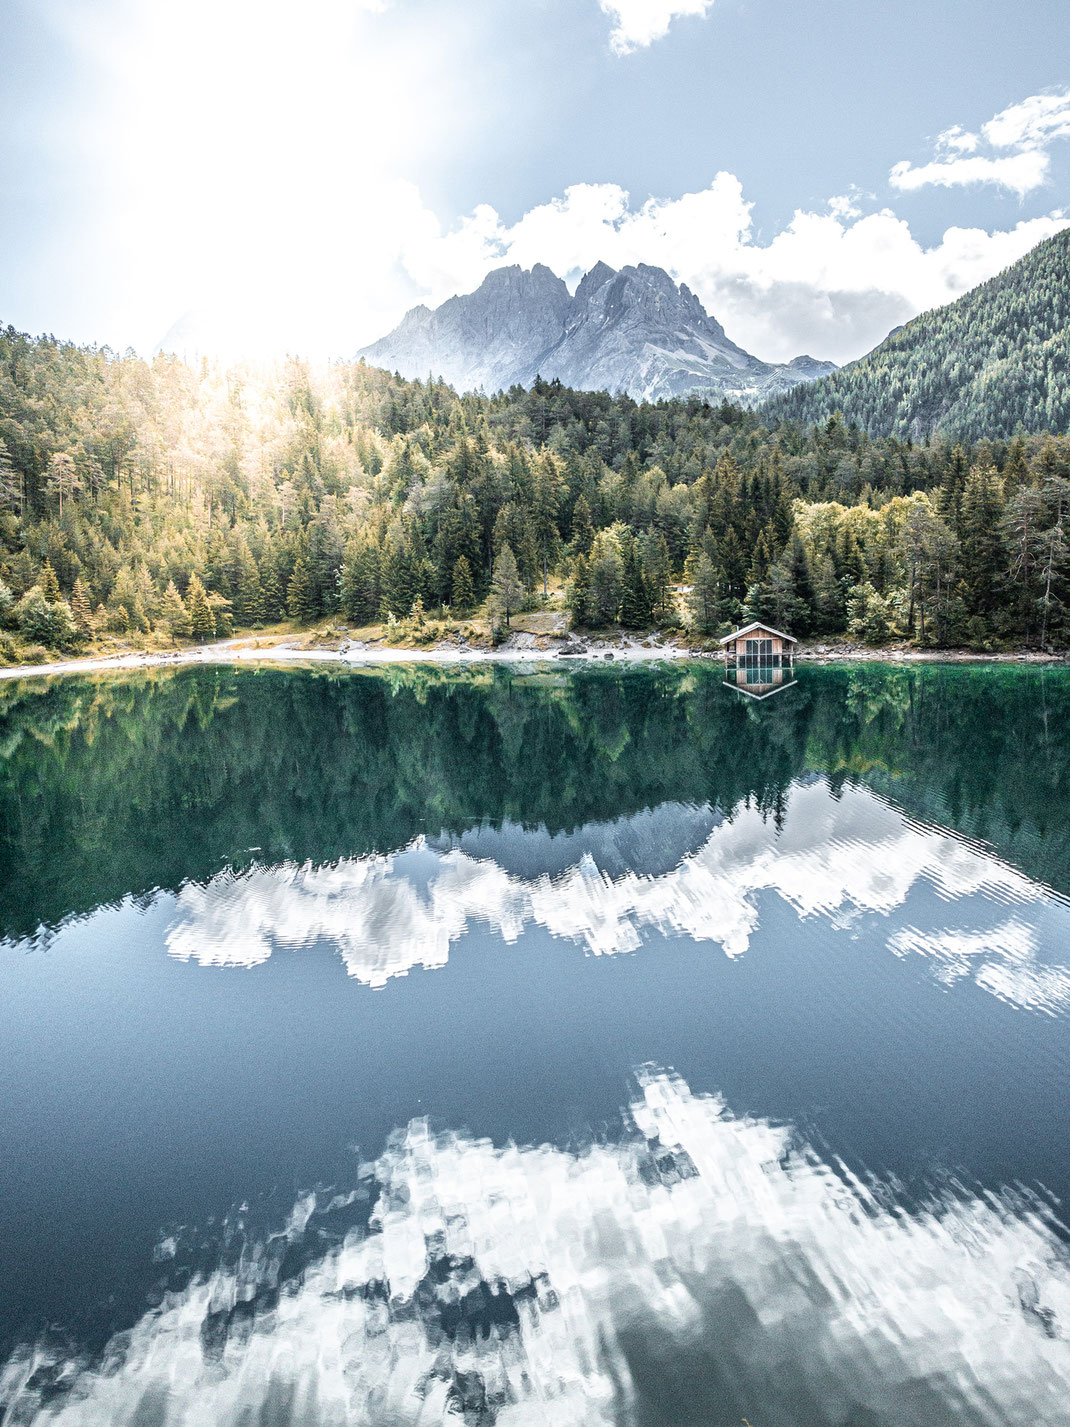 Geheimtipps für Fotografen für den Eibsee bei Garmisch-Partenkirchen an der Zugspitze: der Blindsee